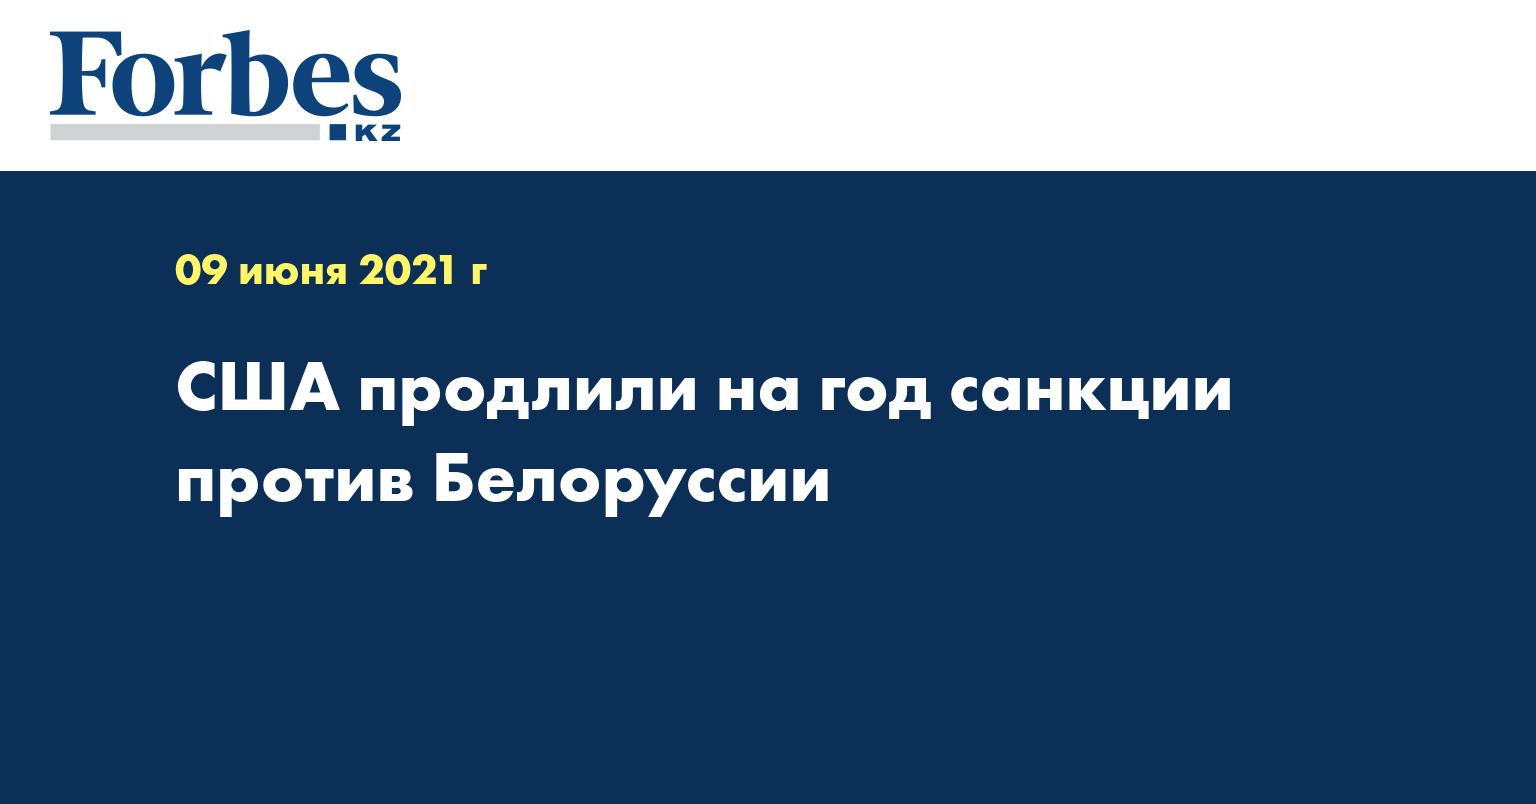 США продлили на год санкции против Белоруссии